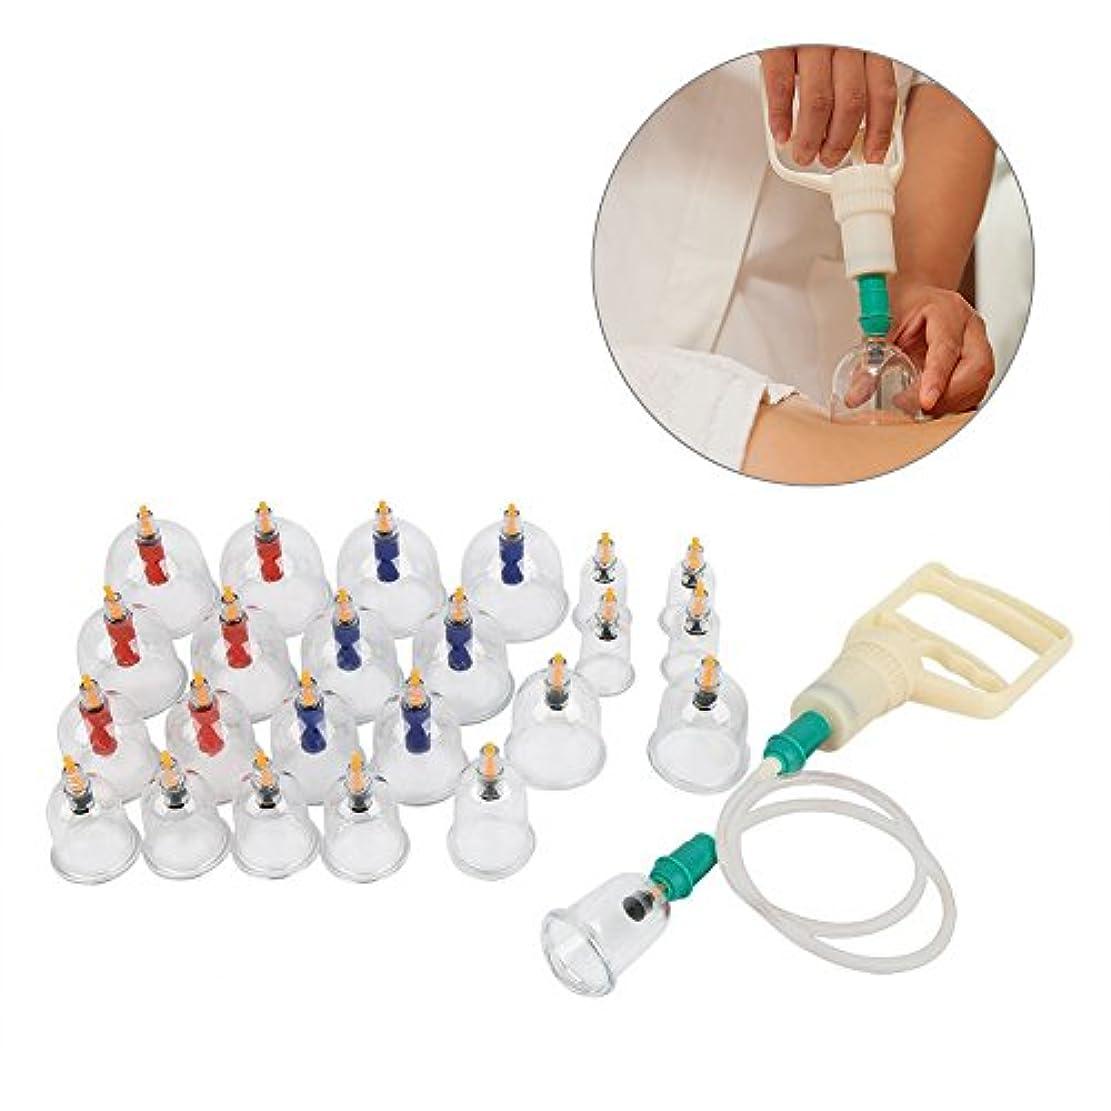 恨み栄光の貢献24個のU字型カッピング真空マッサージ療法ボディの真空サクションカップ伝統的な中国の医療用真空